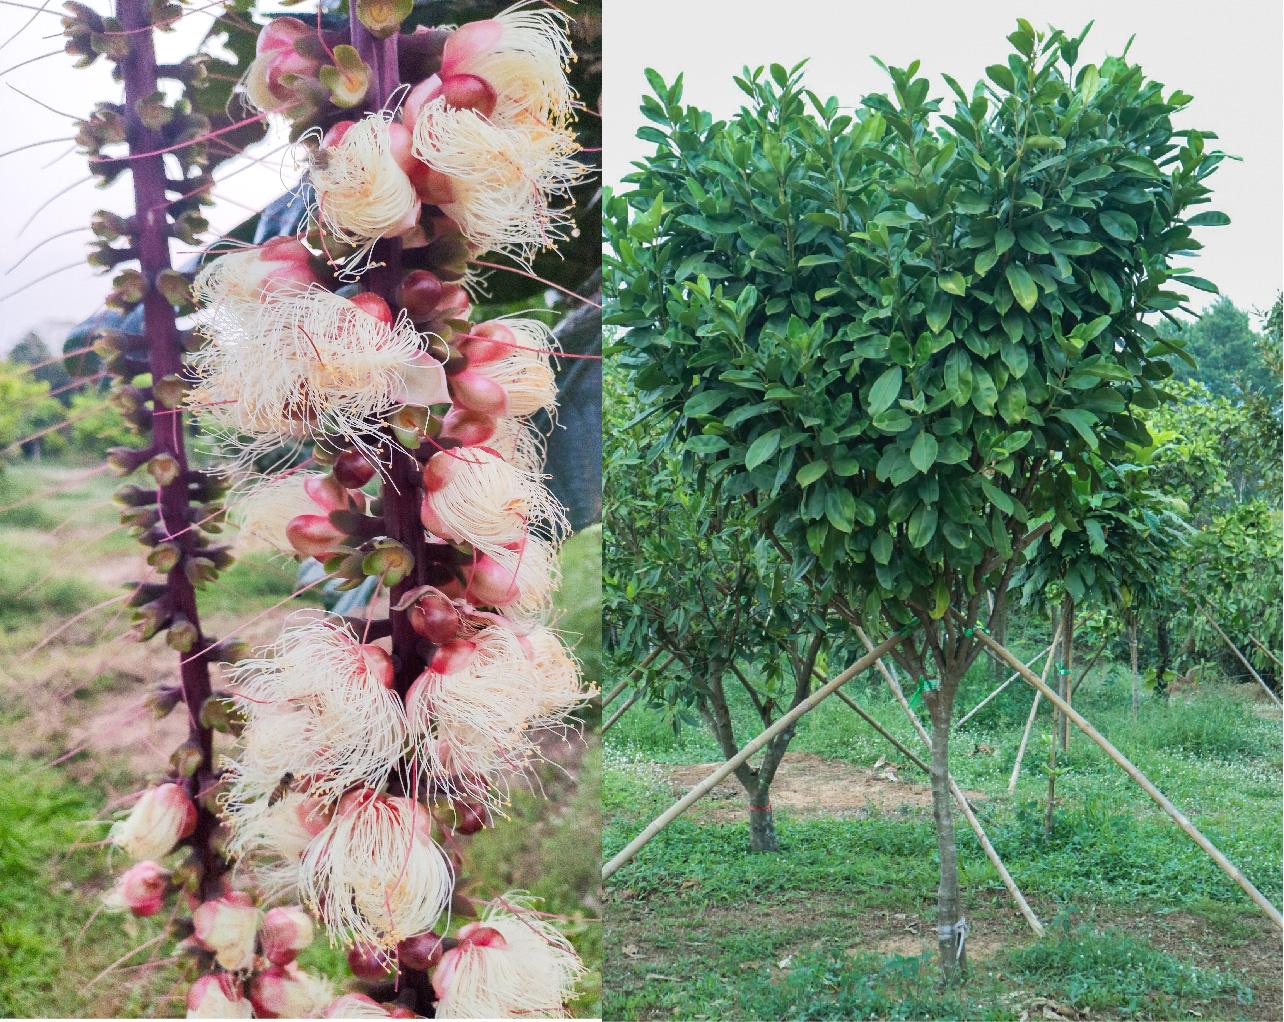 ต้นแก้วมุกดา ต้นจิกเศรษฐี 2 ต้นไม้น่าสนใจปลูกไว้ในบ้าน